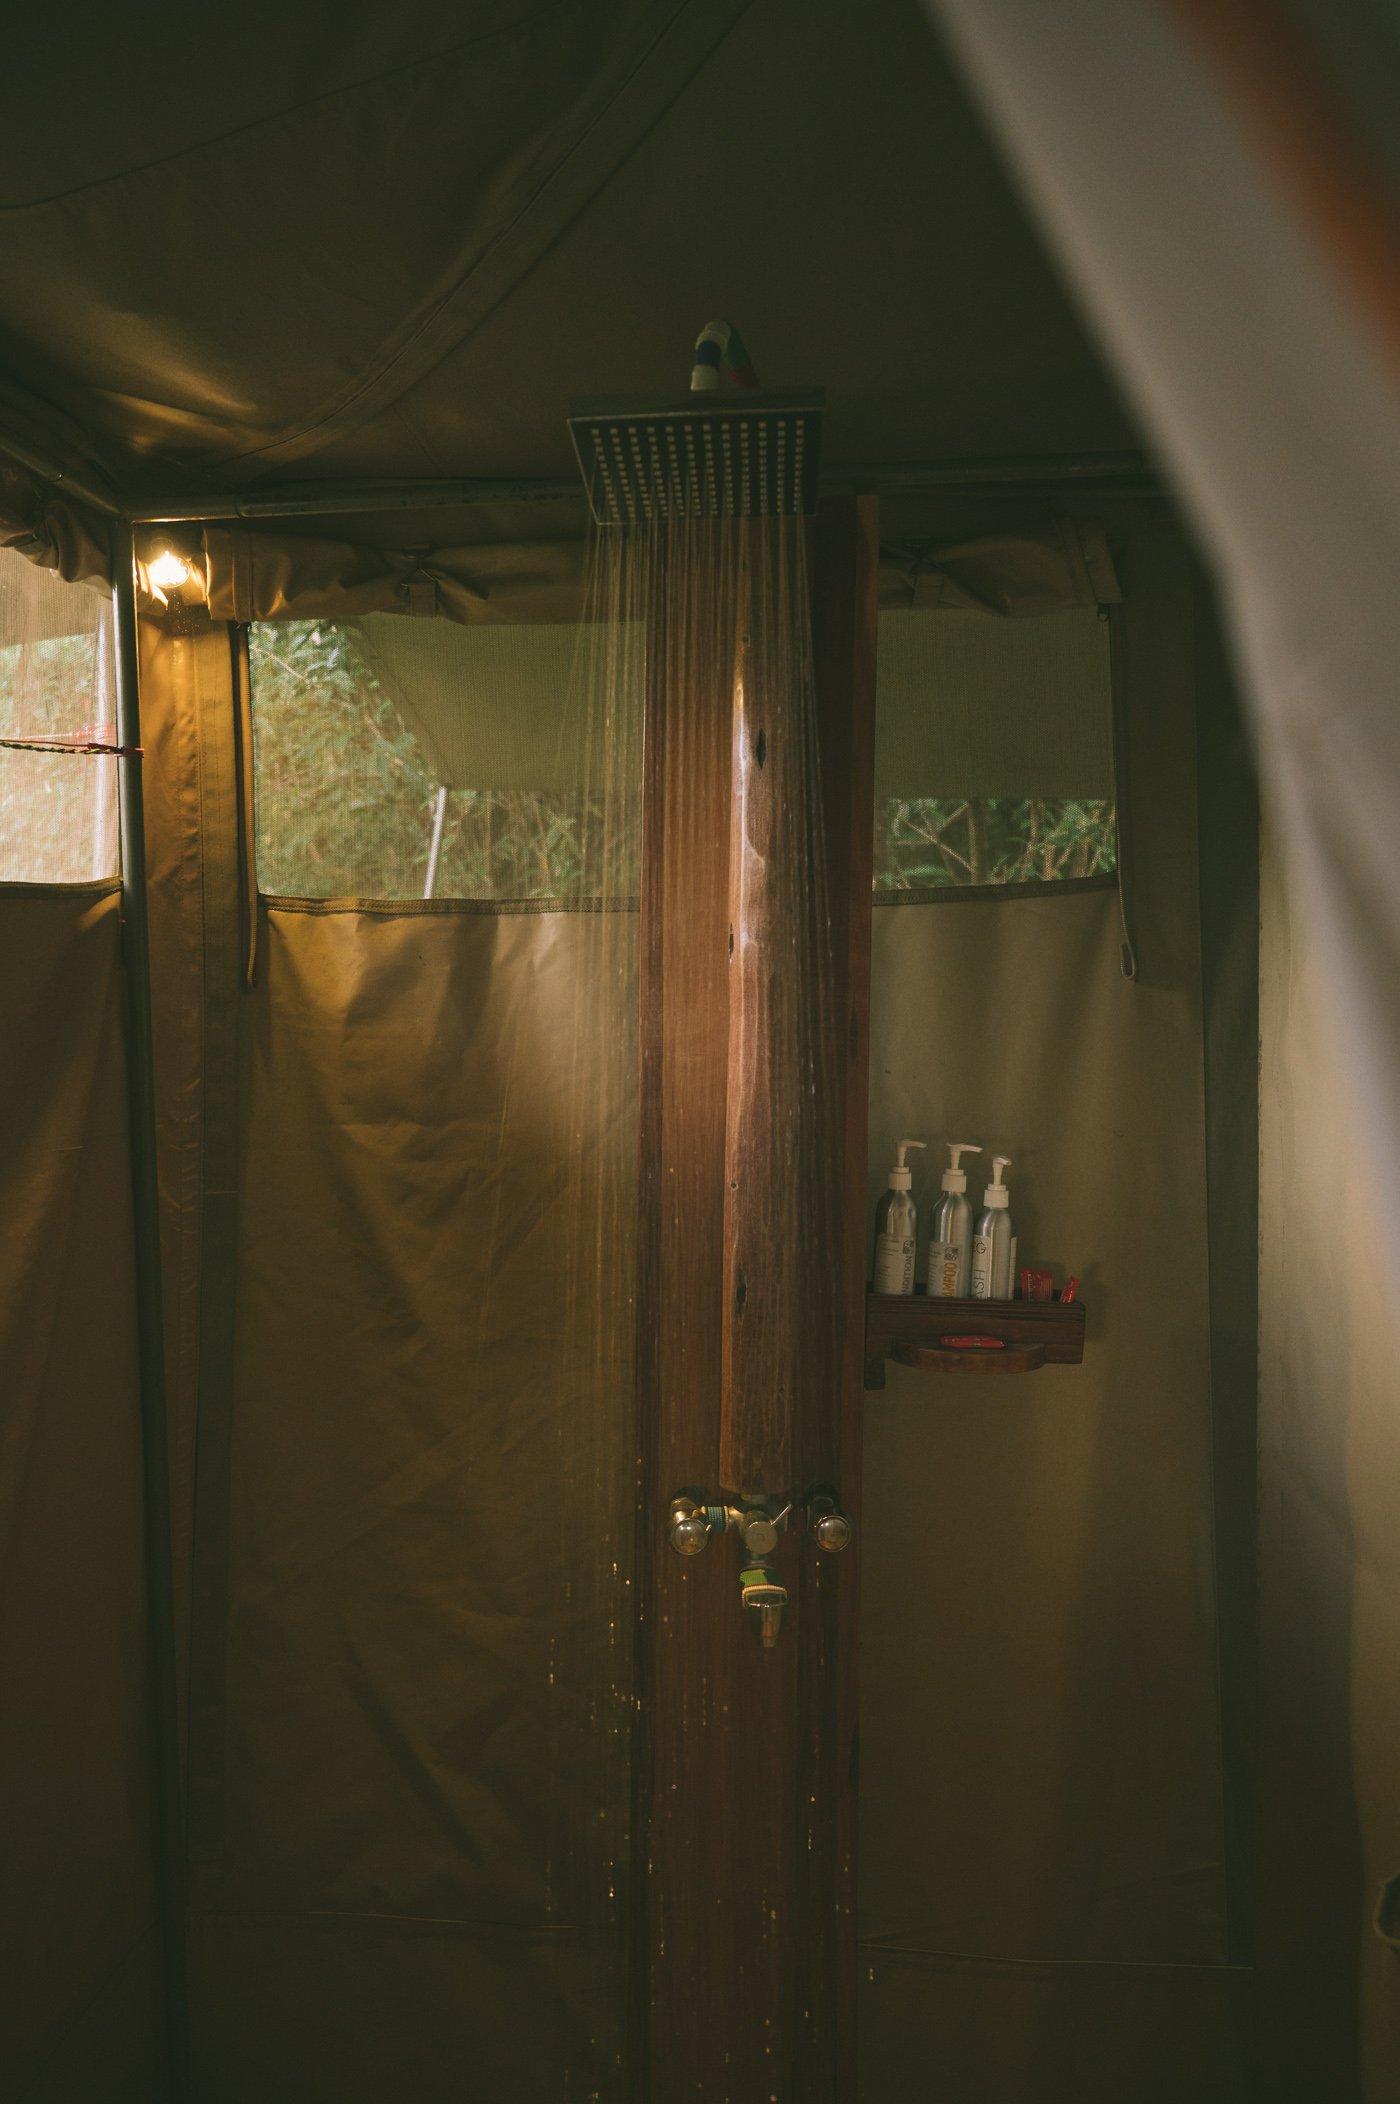 Shower in the Rooms at Tangulia Mara Camp in the Maasai Mara in Kenya